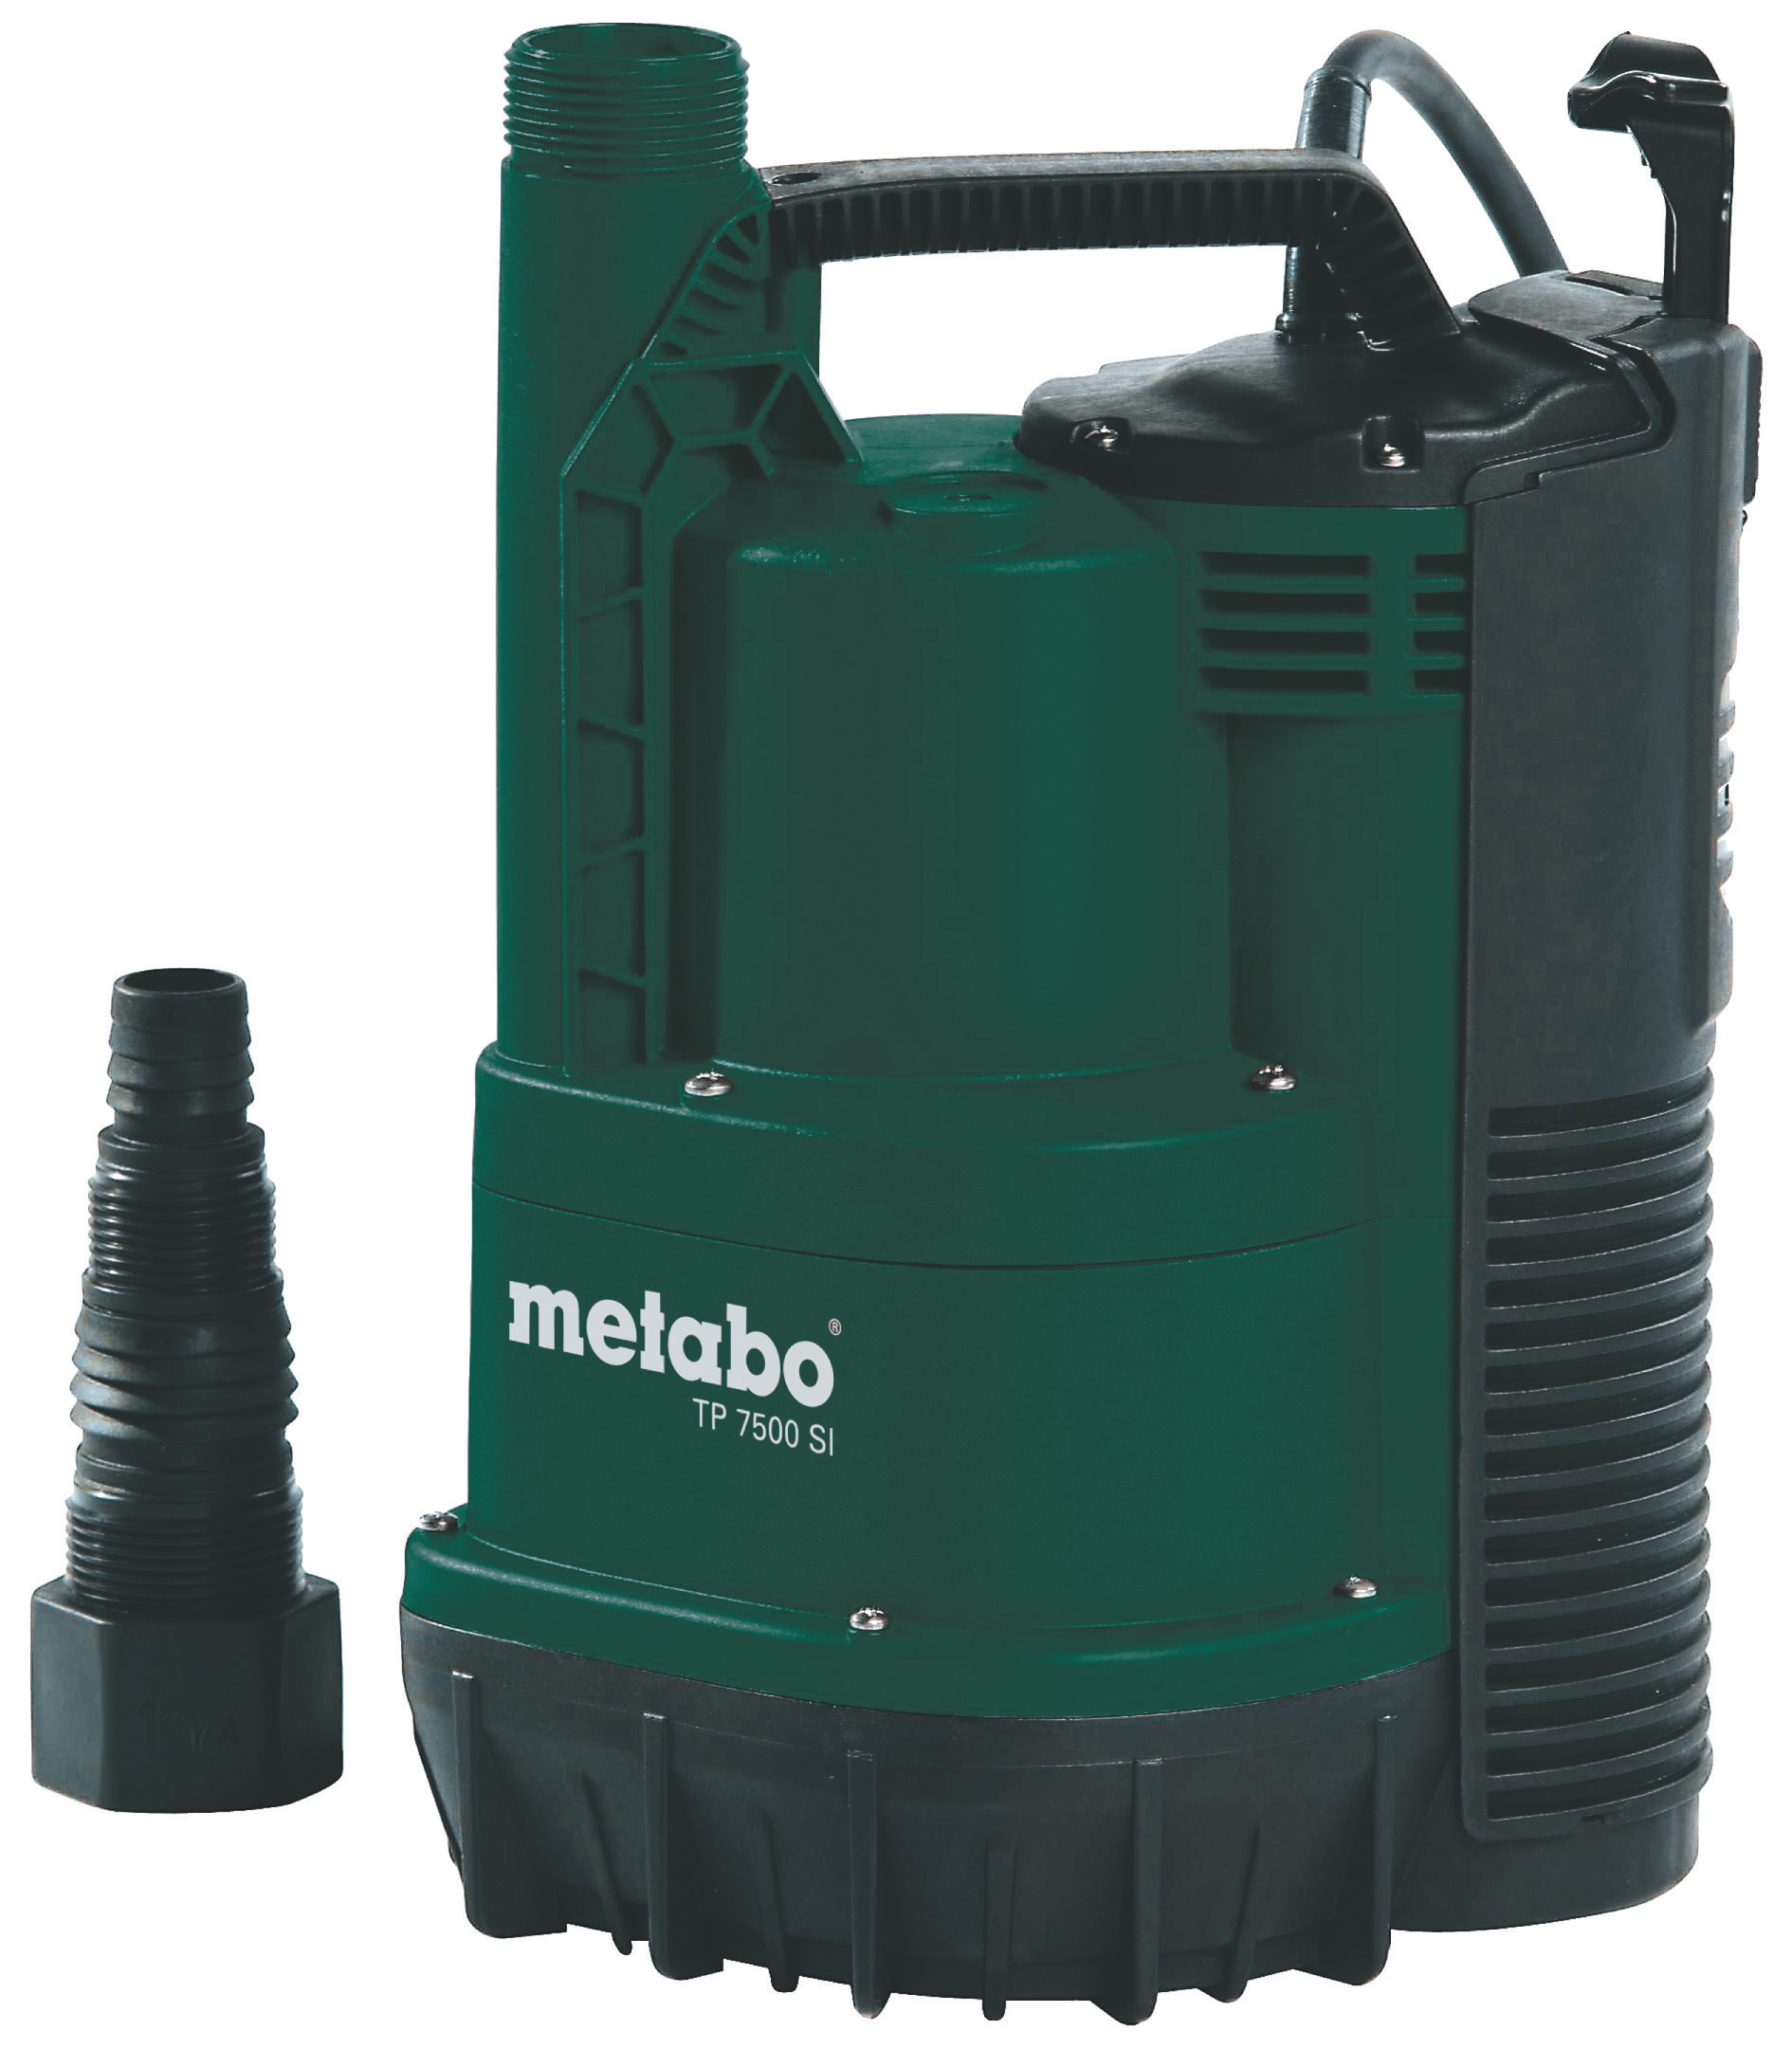 Насос MetaboНасосы<br>Тип насоса: погружной,<br>Конструкция насоса: дренажный,<br>Центробежный: есть,<br>Назначение по воде: чистая вода,<br>Макс. производительность по воде: 7500,<br>Макс. глубина: 7,<br>Макс. высота: 6.5,<br>Мощность: 300,<br>Поплавок: внешний,<br>Макс. давление: 0.65,<br>Эжектор: нет,<br>Диаметр всасывающего шланга: 1 1/4  ,<br>Диаметр на выходе (в дюймах): 1.25,<br>Материал корпуса: пластик,<br>Длина кабеля: 10,<br>Вес нетто: 4.2,<br>Страна происхождения: Германия<br>